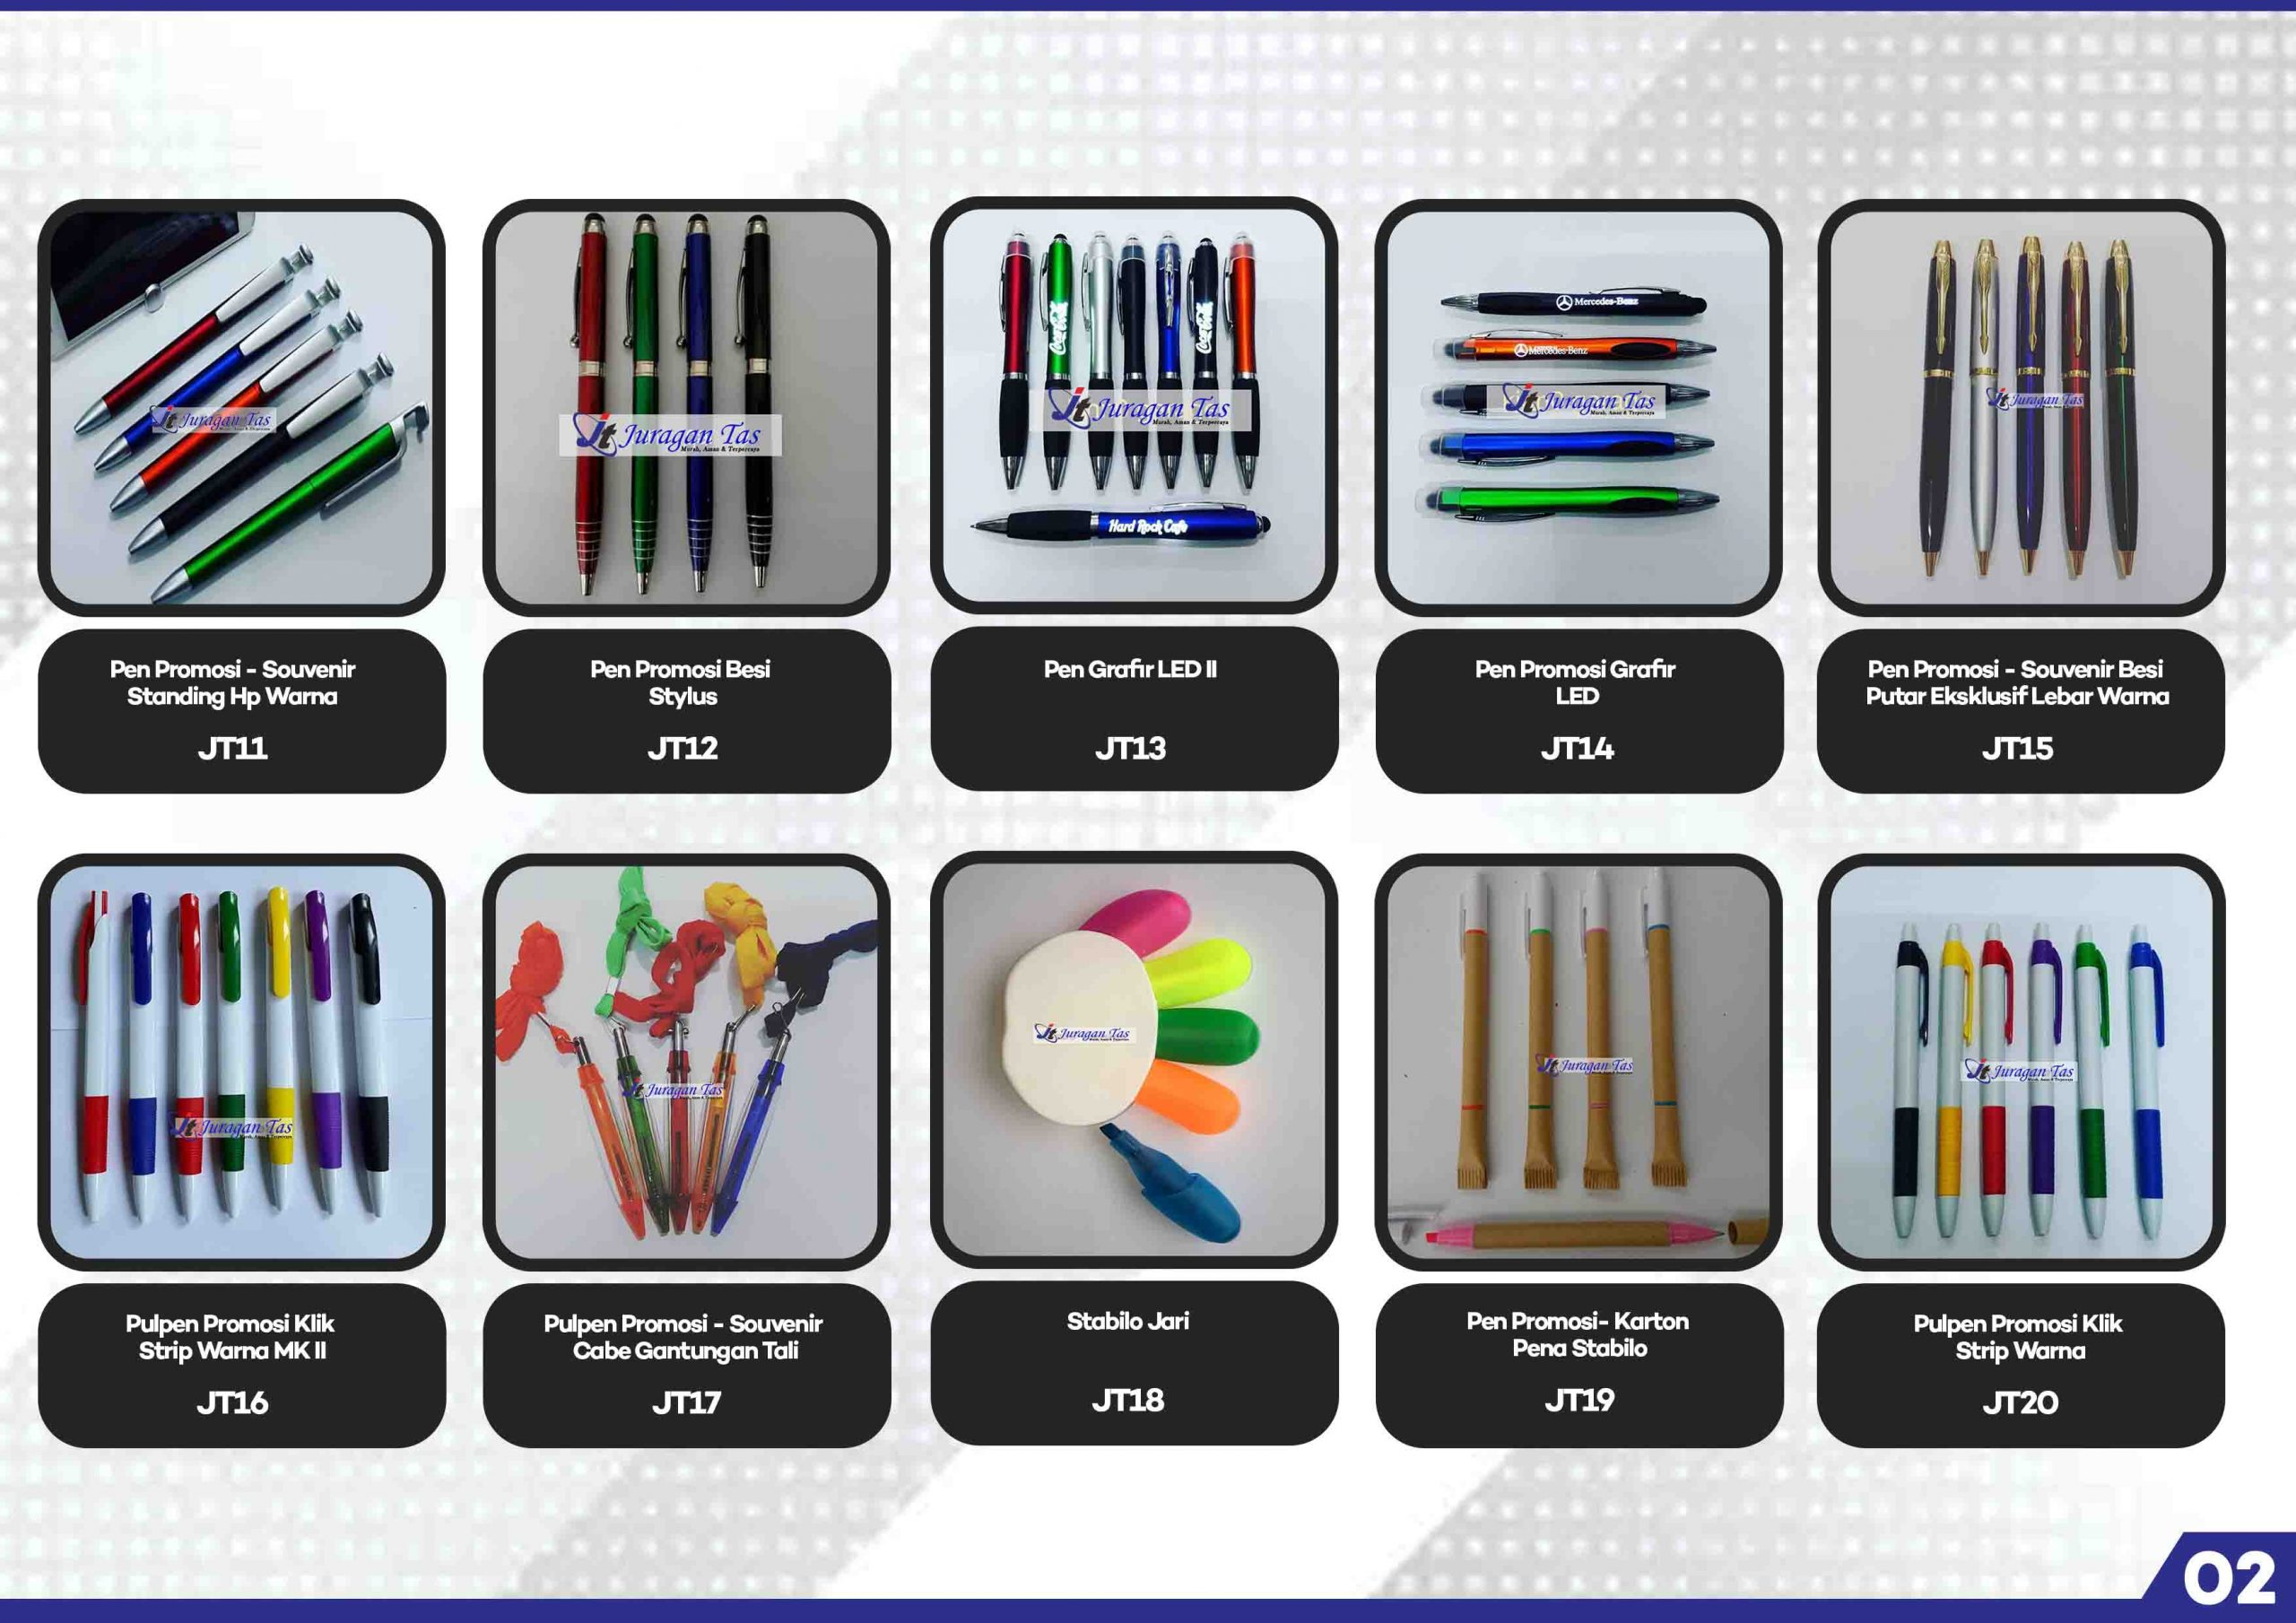 pulpen seminar kir , tas seminar kit, seminar kit murah, seminar kit bandung